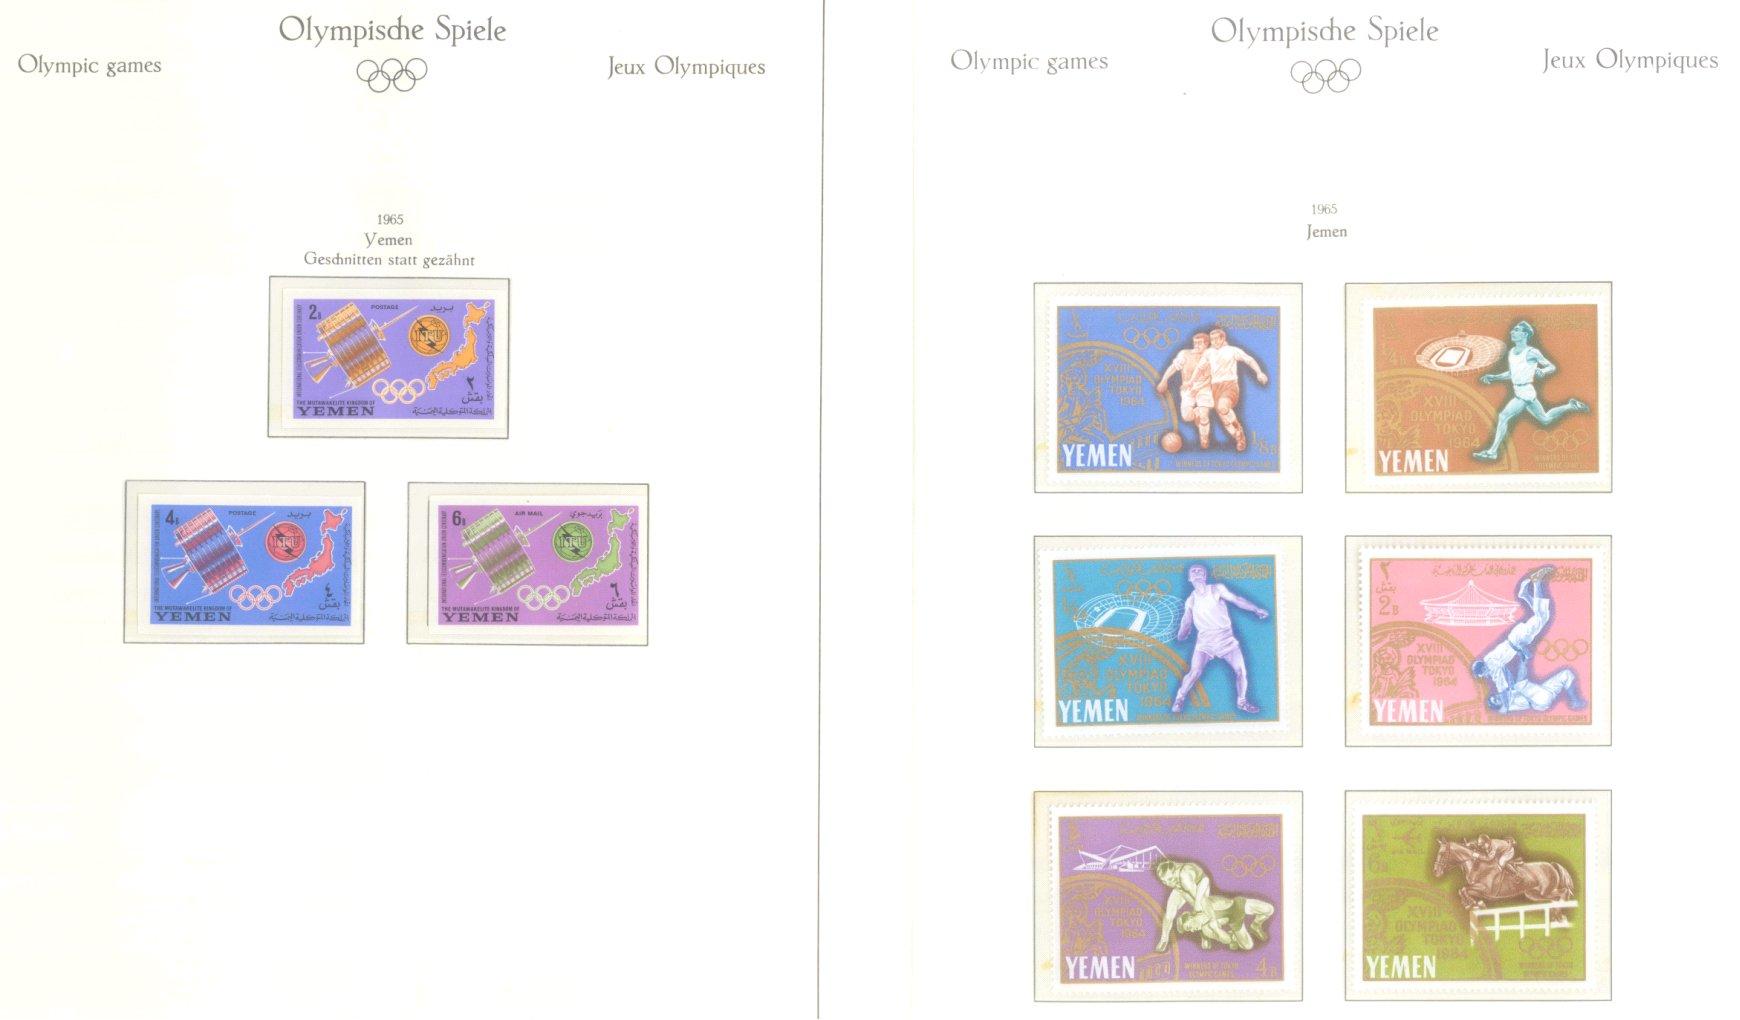 OLYMPISCHE SPIELE 1964 TOKIO, postfrische Sammlung Teil 2-62